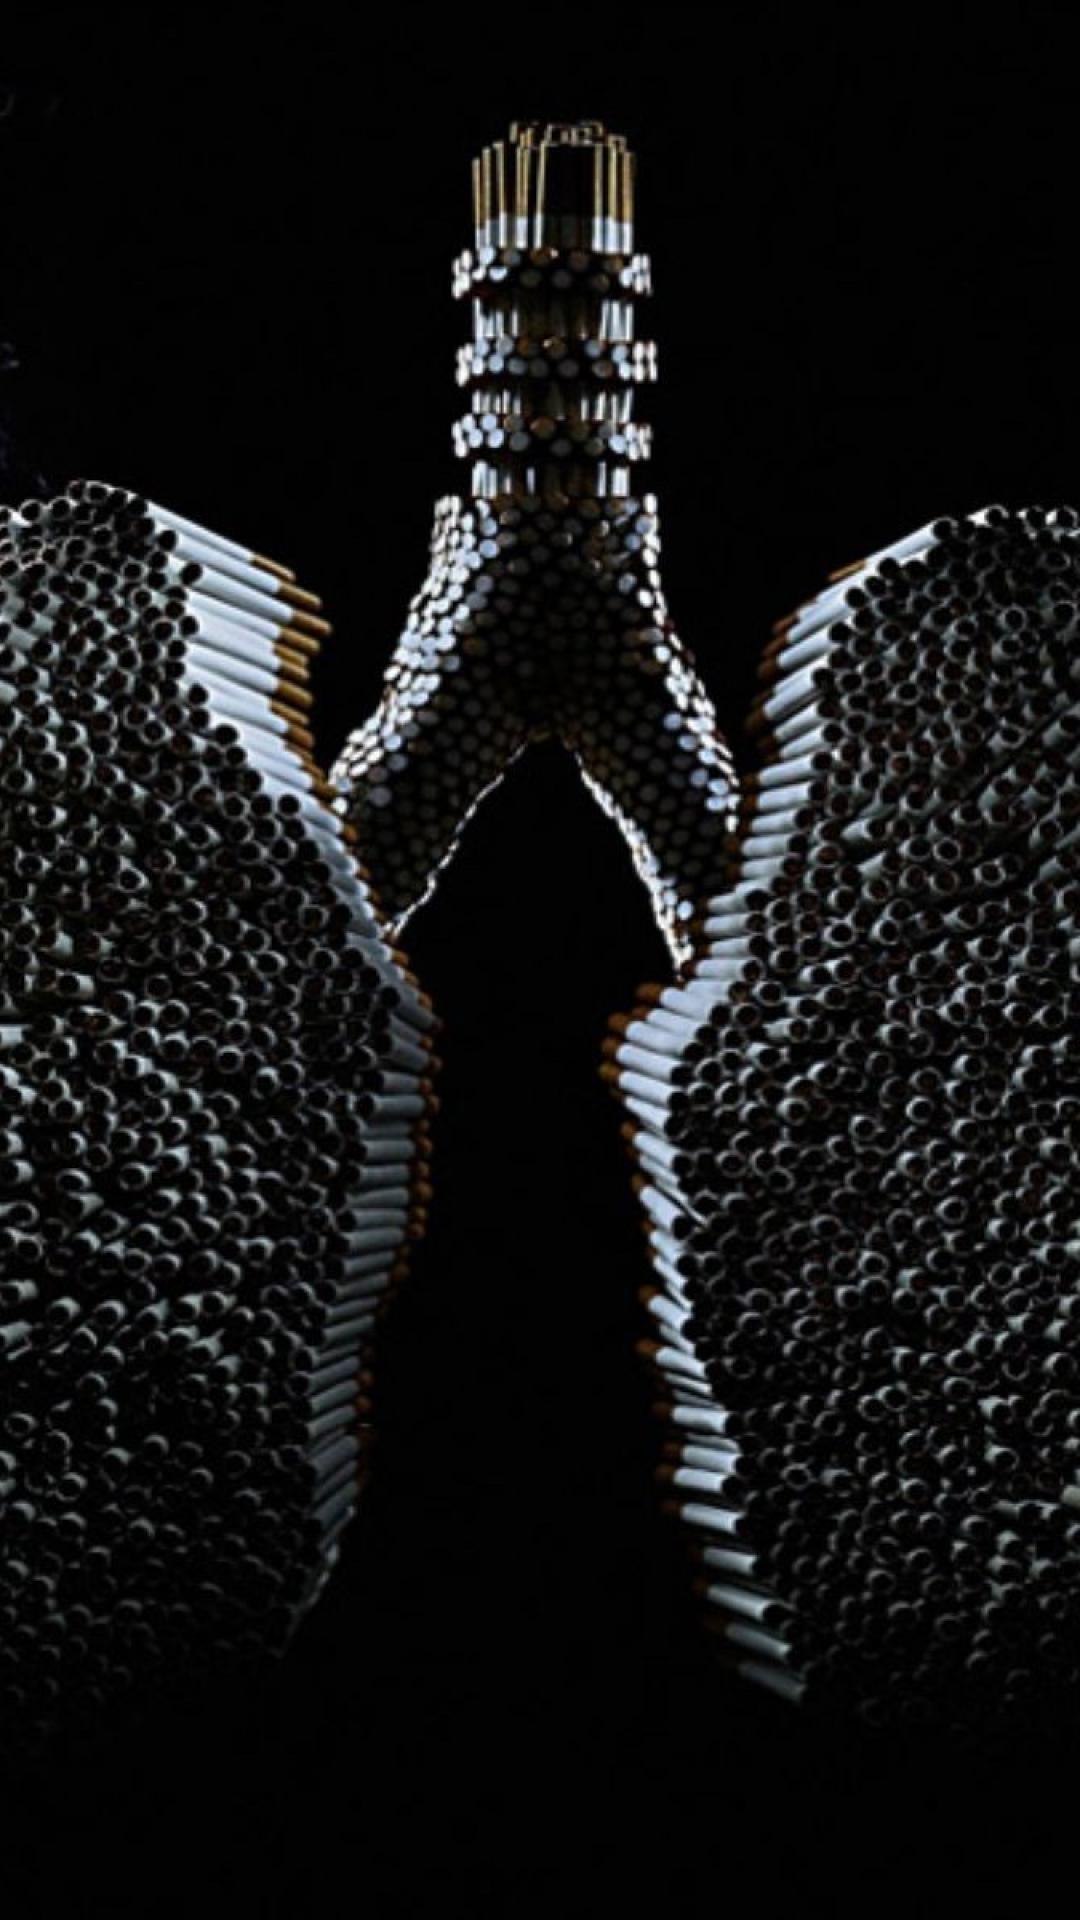 Smoking digital art artwork lungs cancer wallpaper 32052 1080x1920